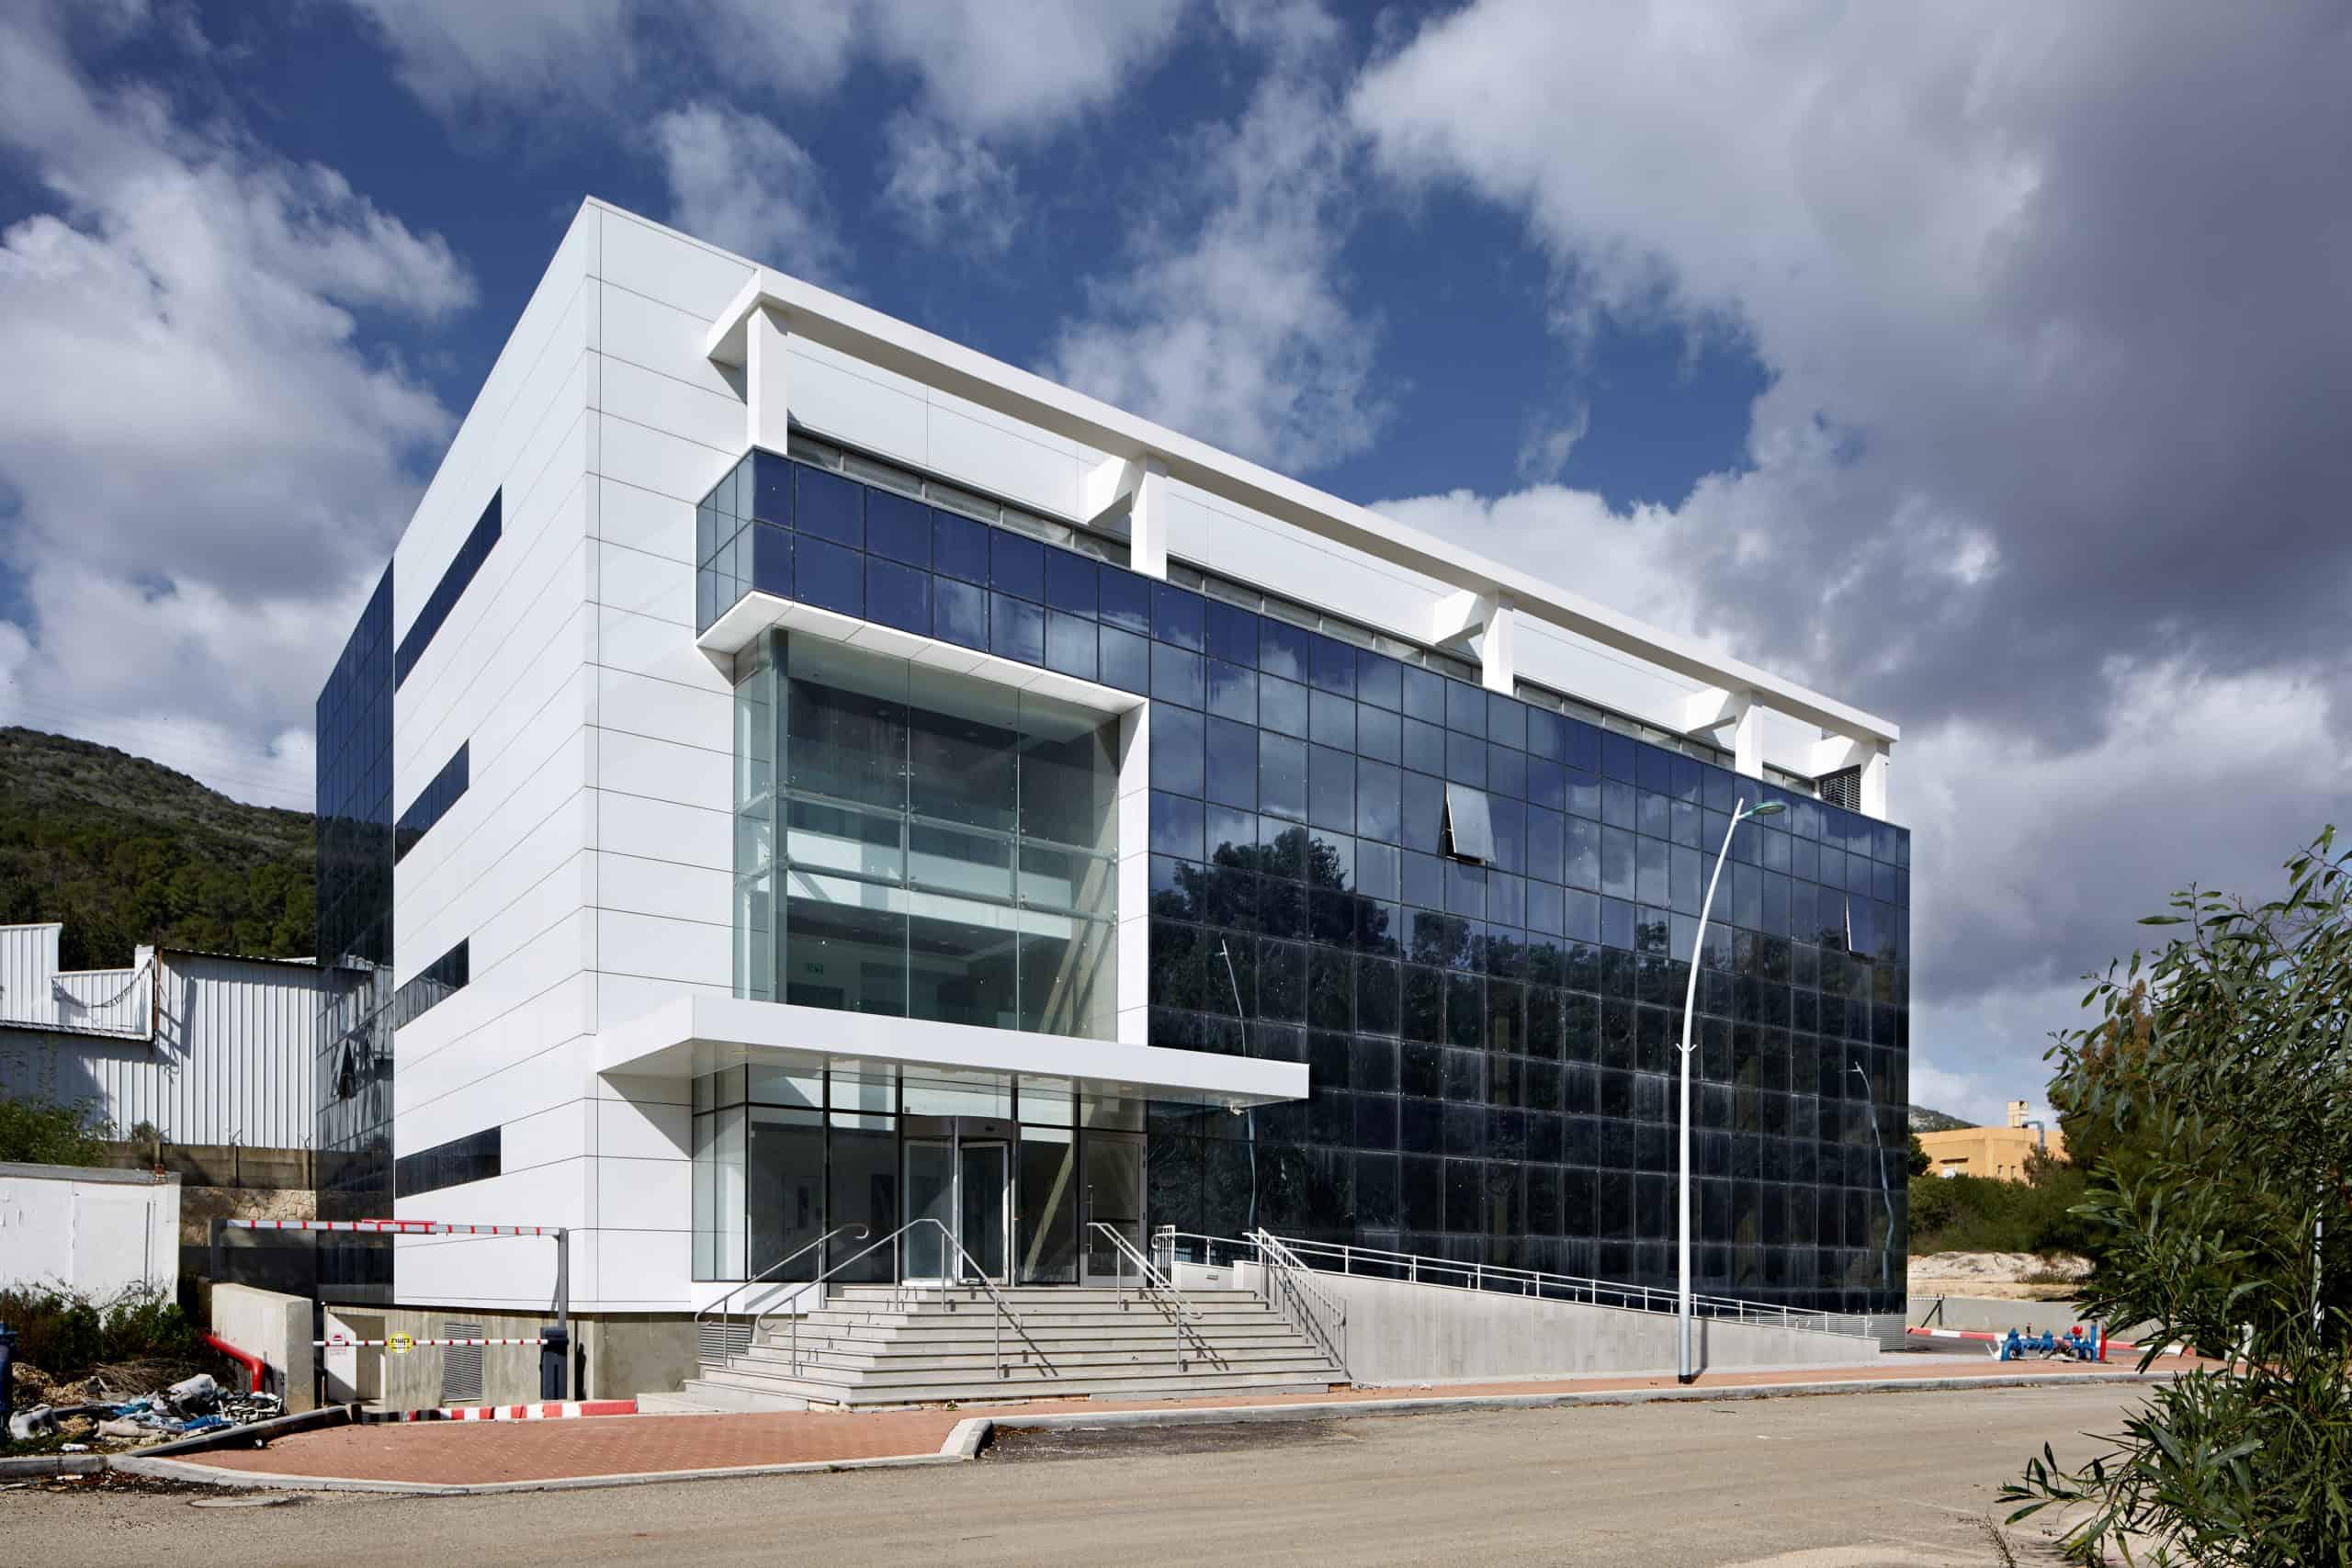 בנין ברחוב היוזמה 2 ביקנעם